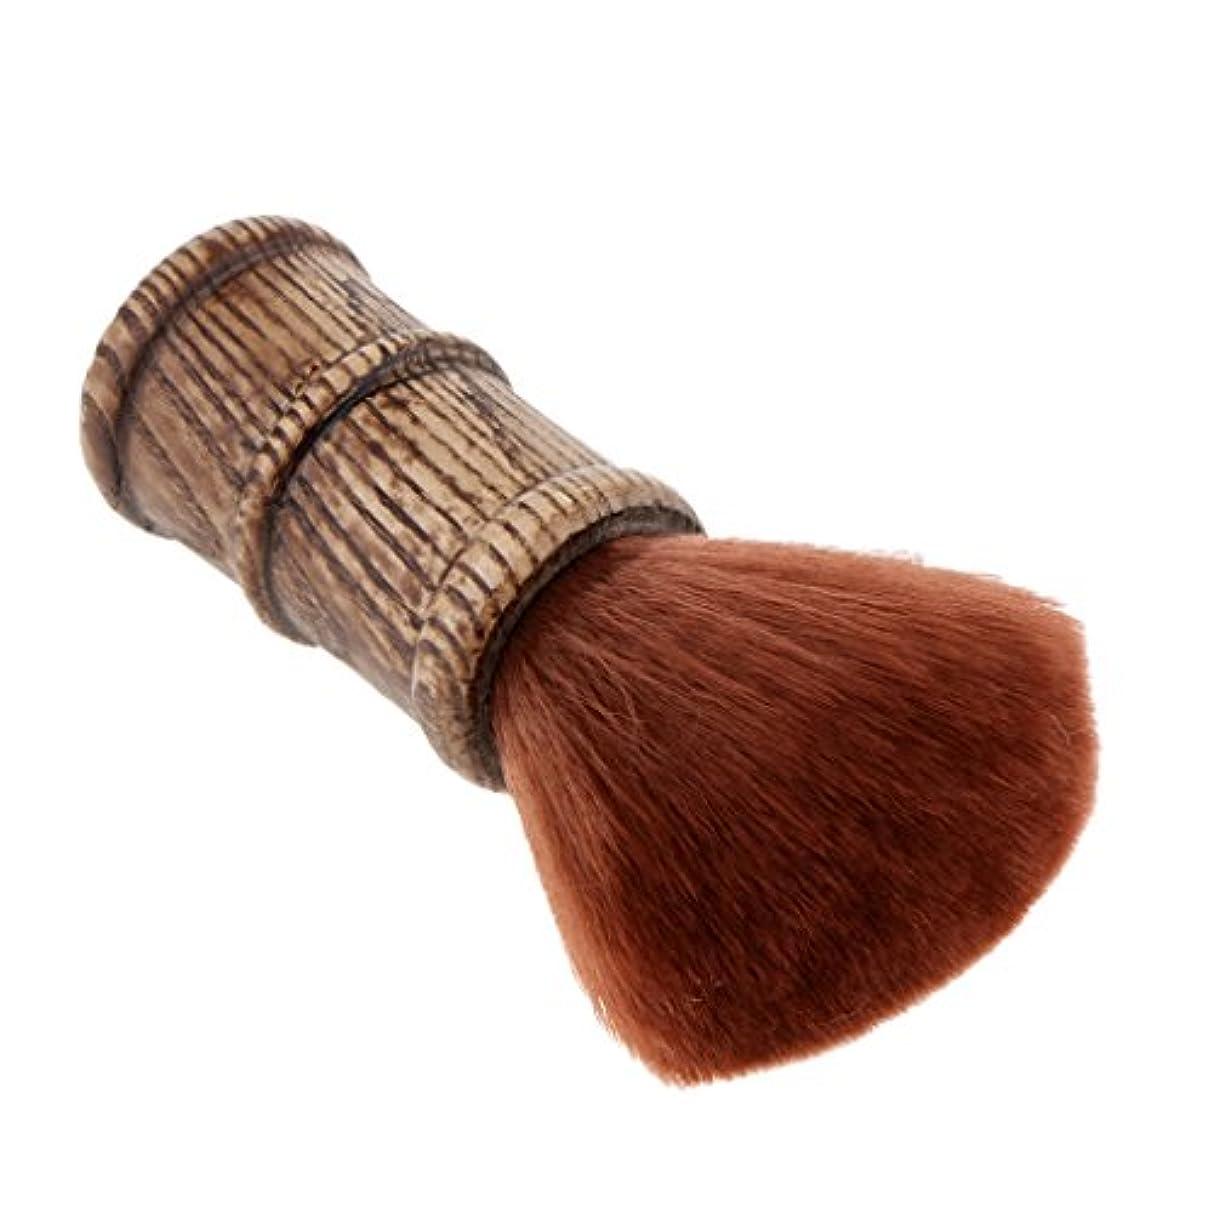 落ちた現代マーキングToygogo 理髪 ネック ダスターブラシ クリーニング ヘアブラシ ヘアスイープブラシ サロンツール 2色選べる - 褐色